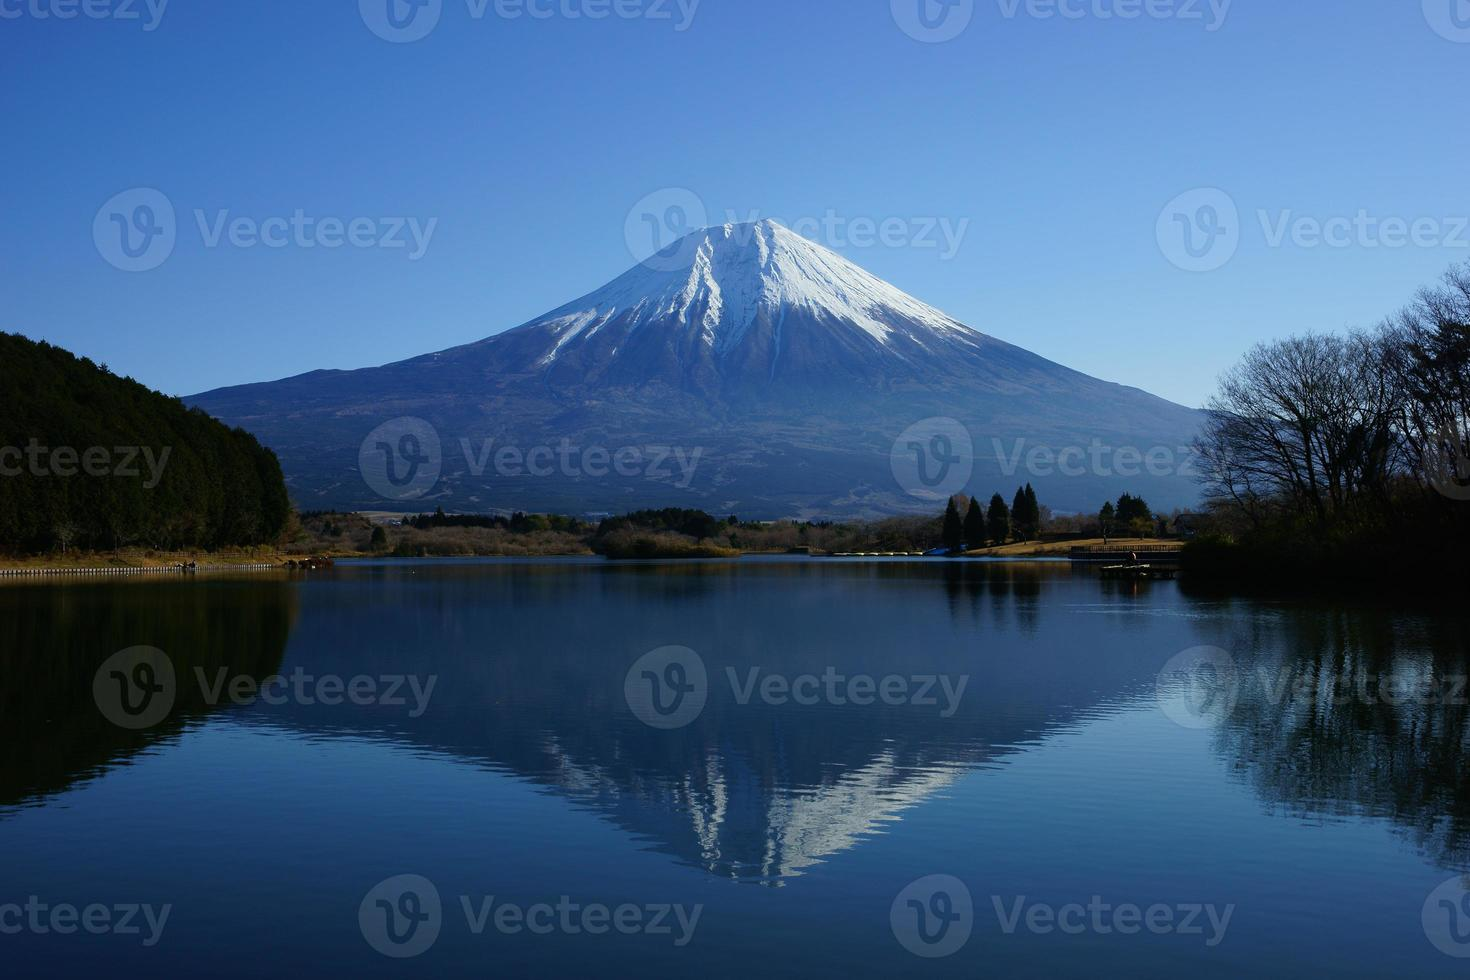 destinos turísticos en japón con vistas al monte fuji foto